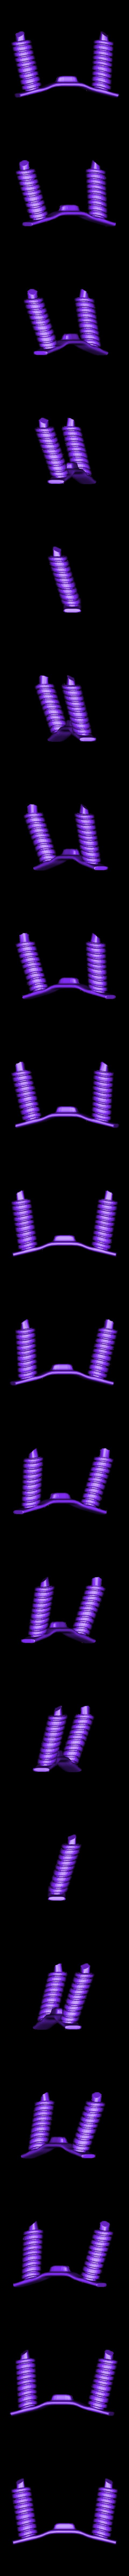 Spring.stl Download STL file Rocket Car • 3D printer design, svandalk